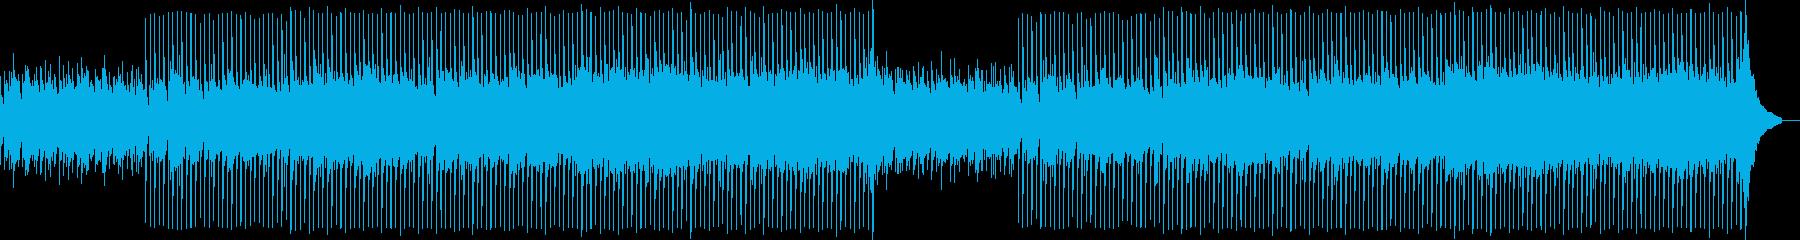 Guitar Corporate 89の再生済みの波形